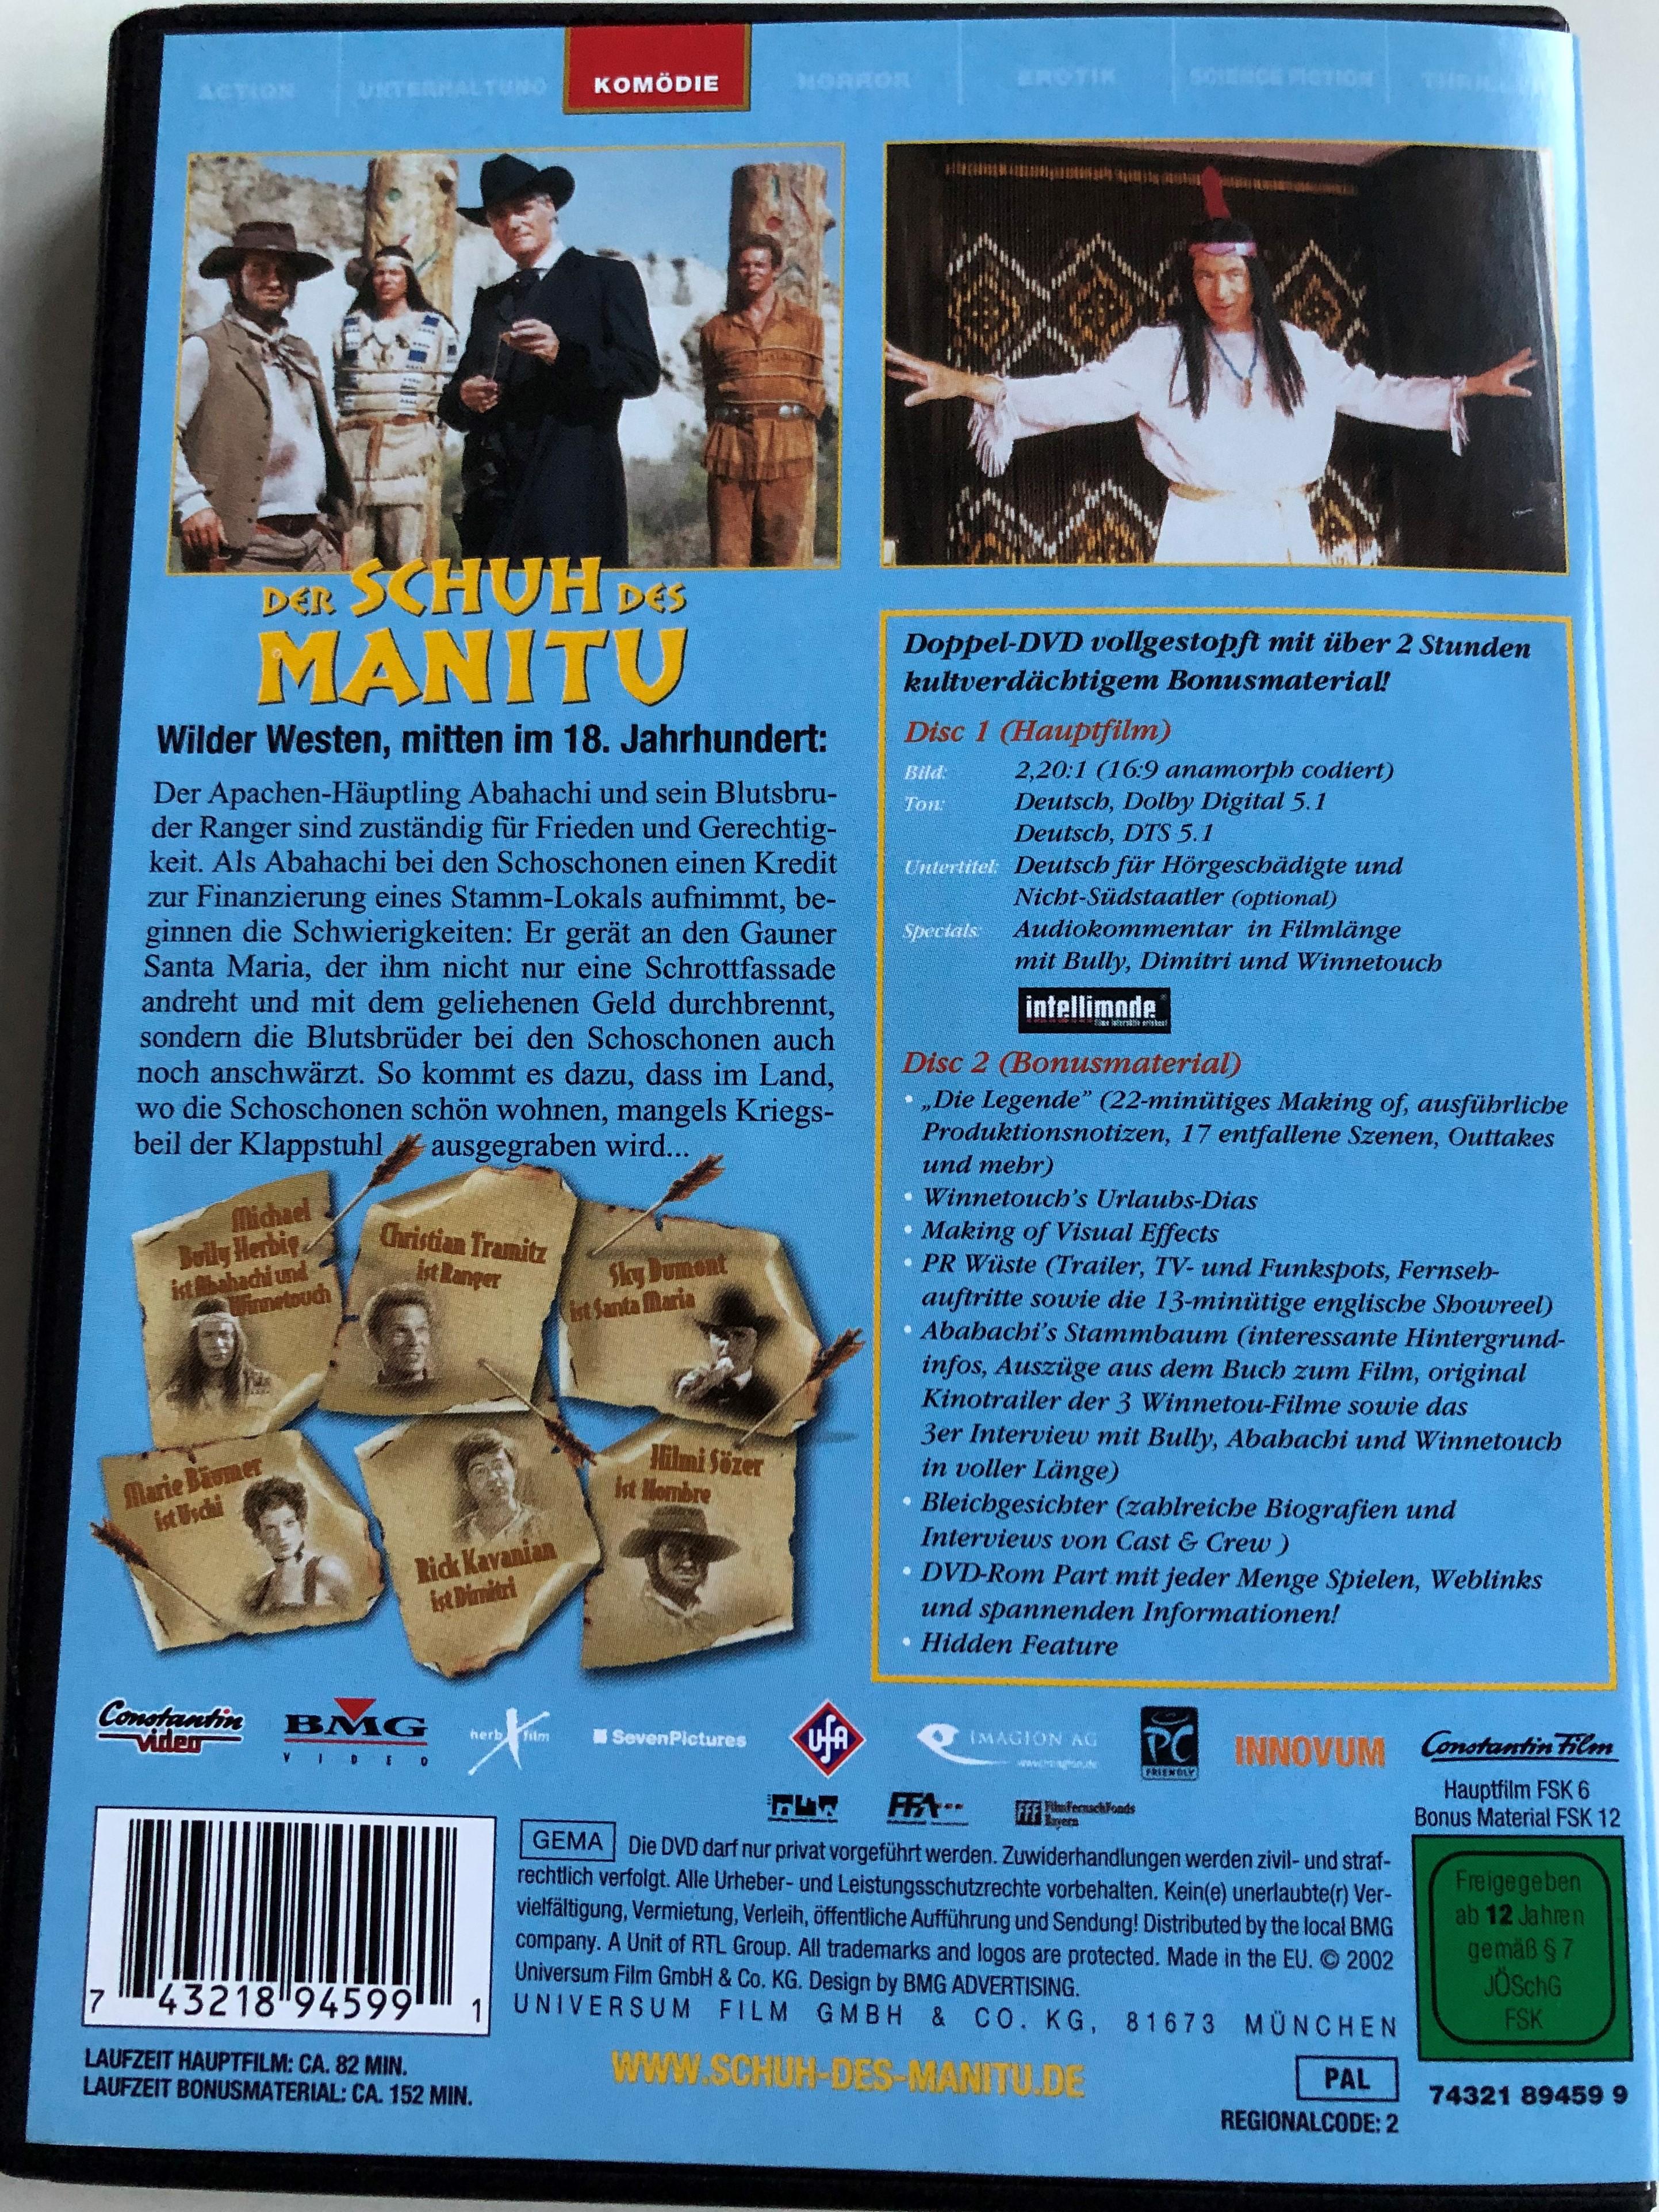 der-schuh-des-manitu-dvd-2001-manitou-s-shoe-5.jpg